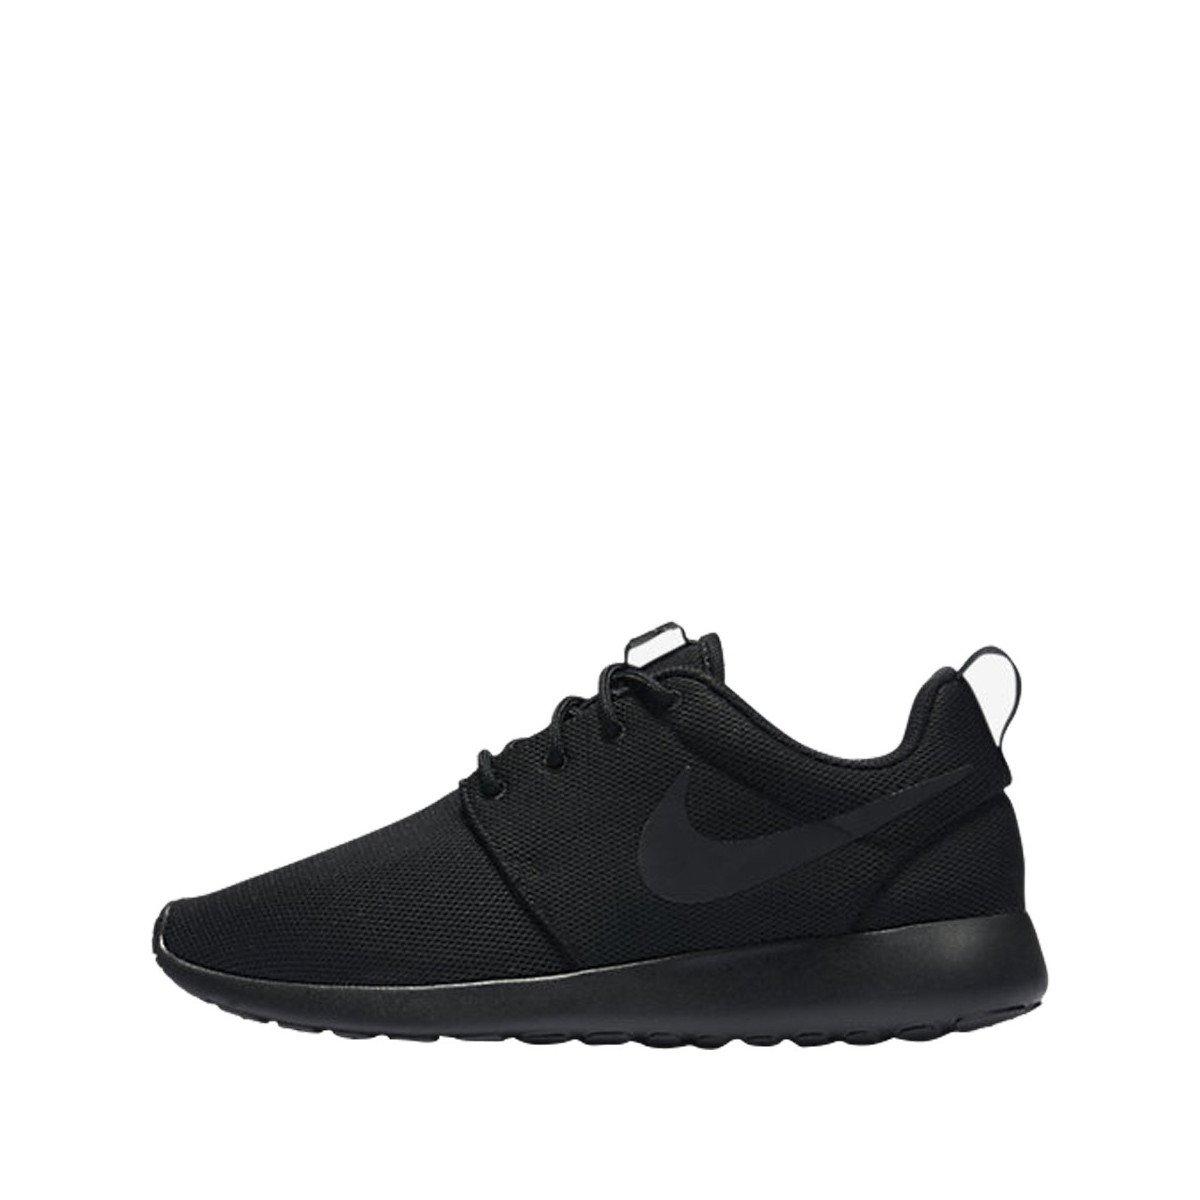 new styles 75307 b86cd NIKE Women's Roshe 1 Black (6)